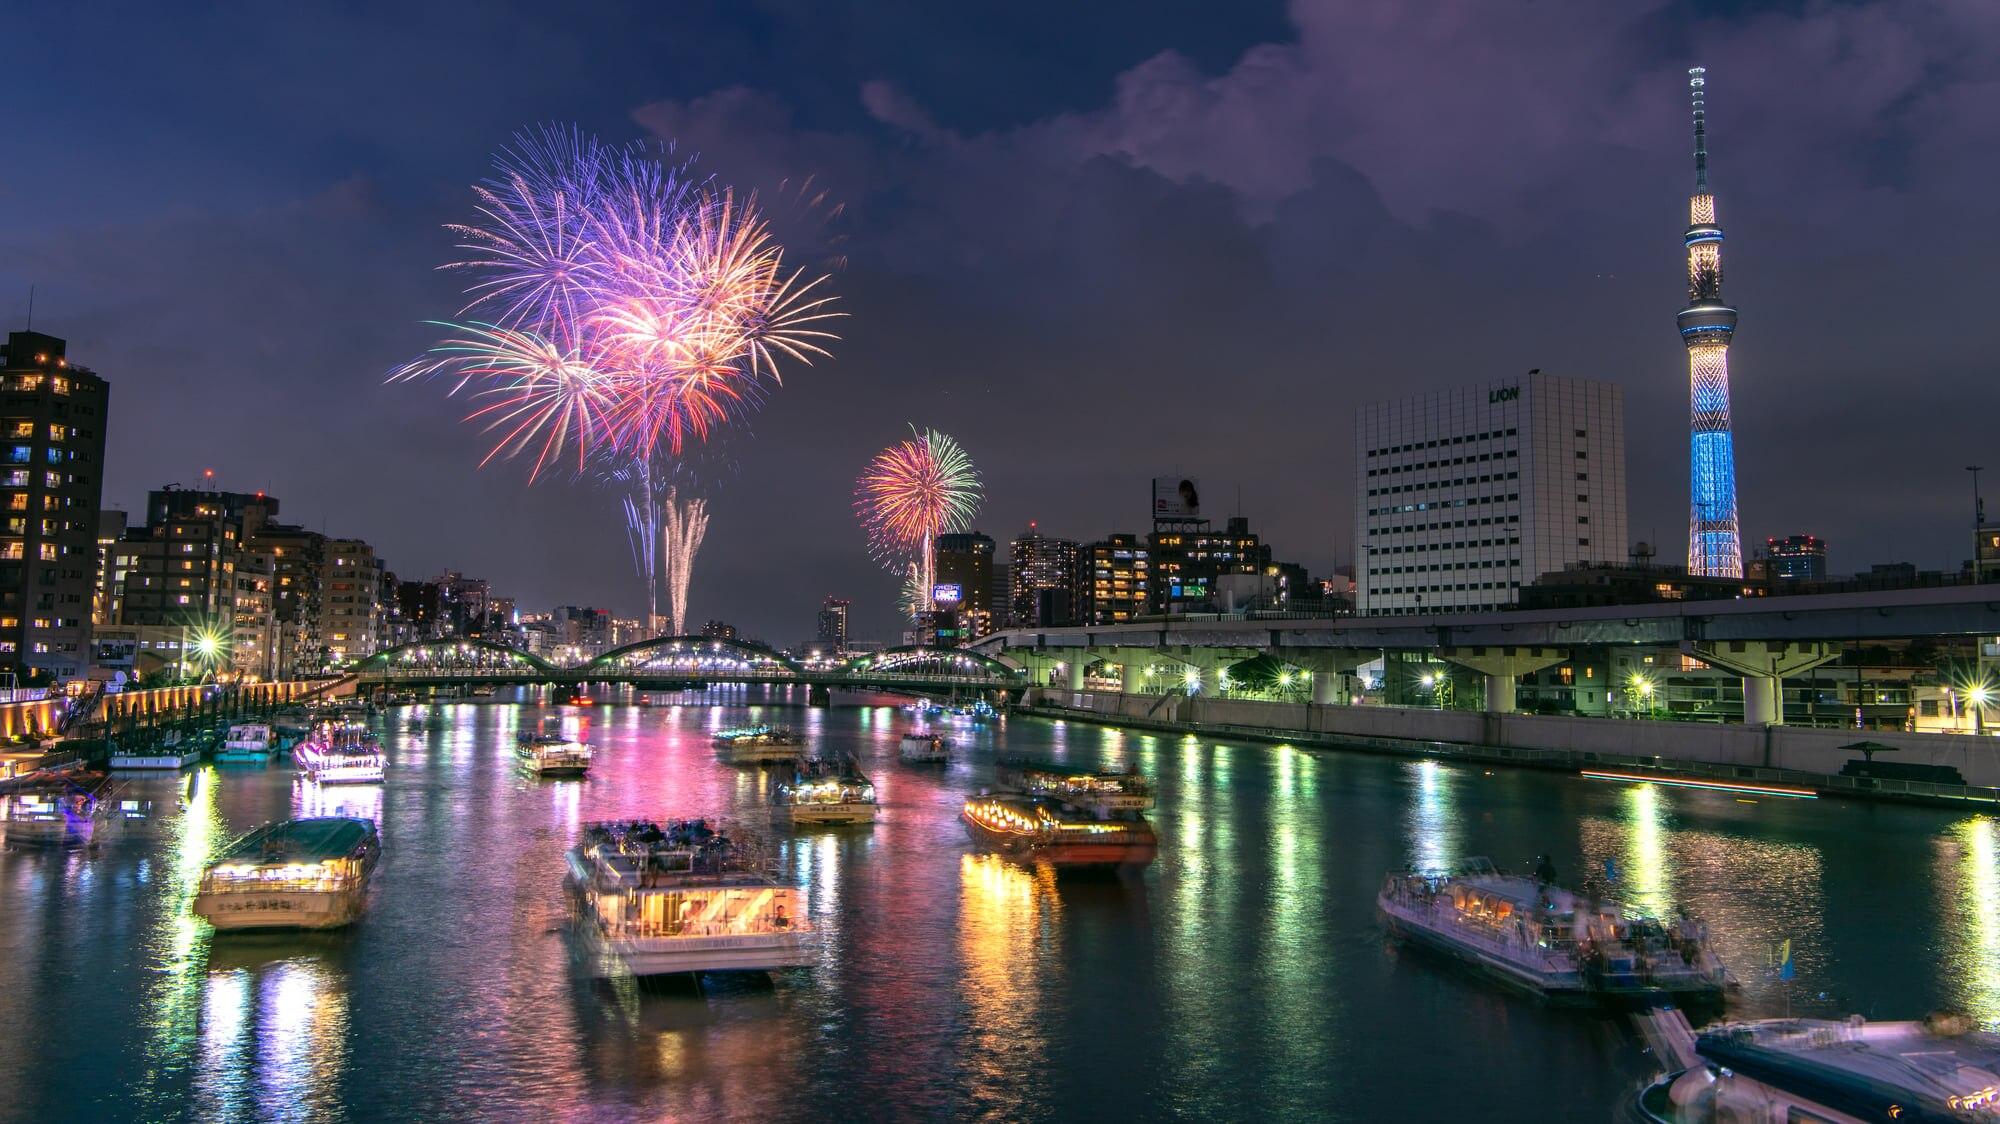 事前に知っておくと便利!東京観光の名物・隅田川花火大会について